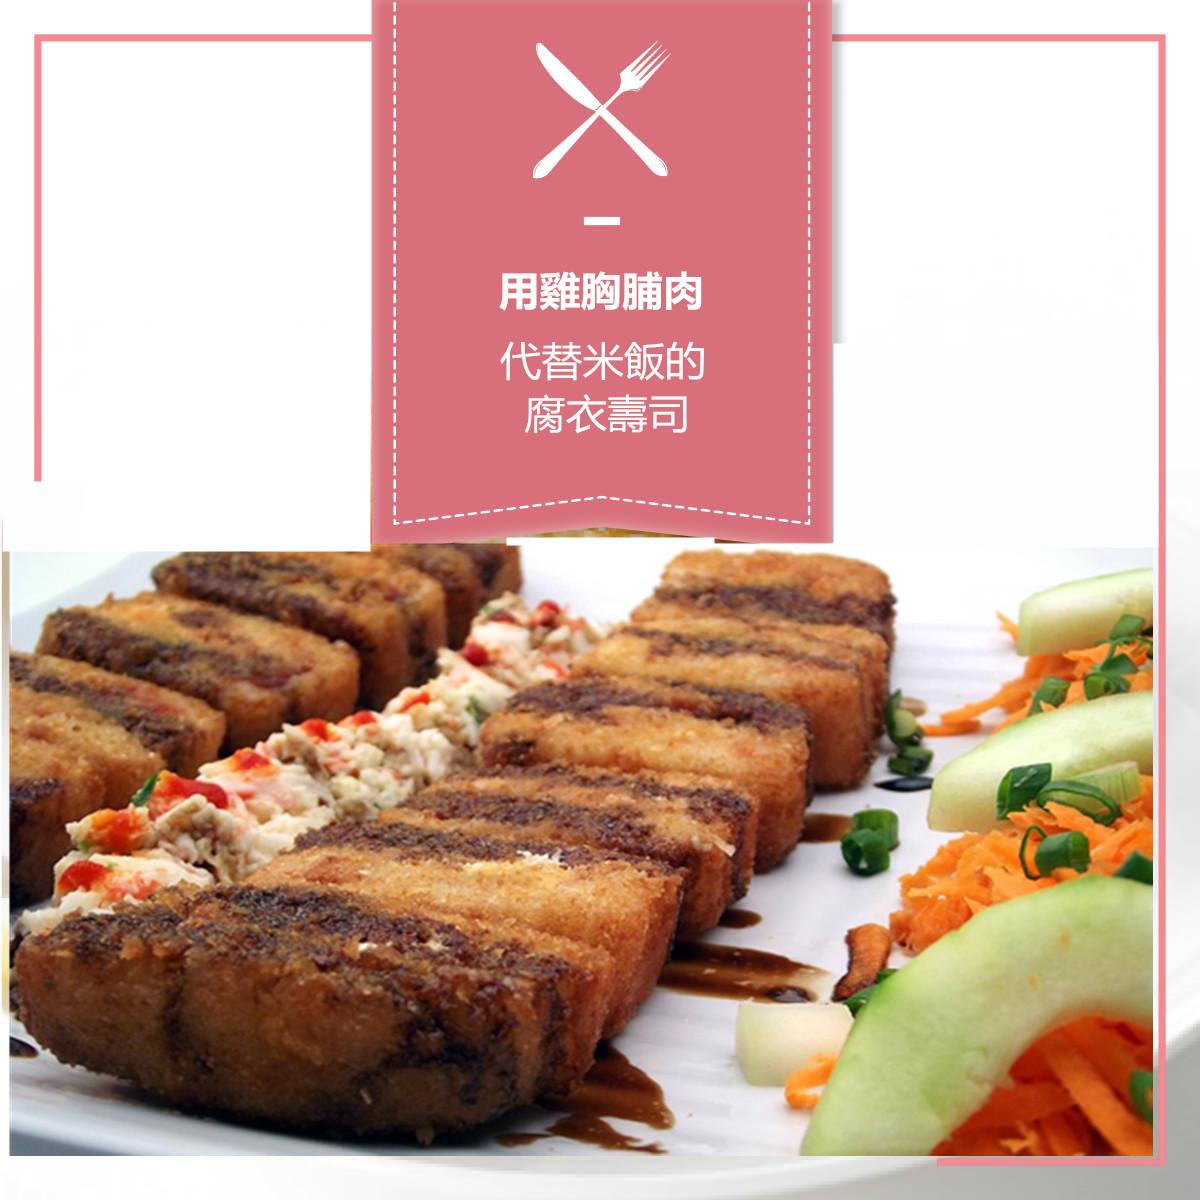 減肥食譜必不可少的雞胸肉,除了低卡路里之外還能增加肌肉!每天水煮之後沾鹽吃多無聊,不如試試做成豆皮壽司吧!